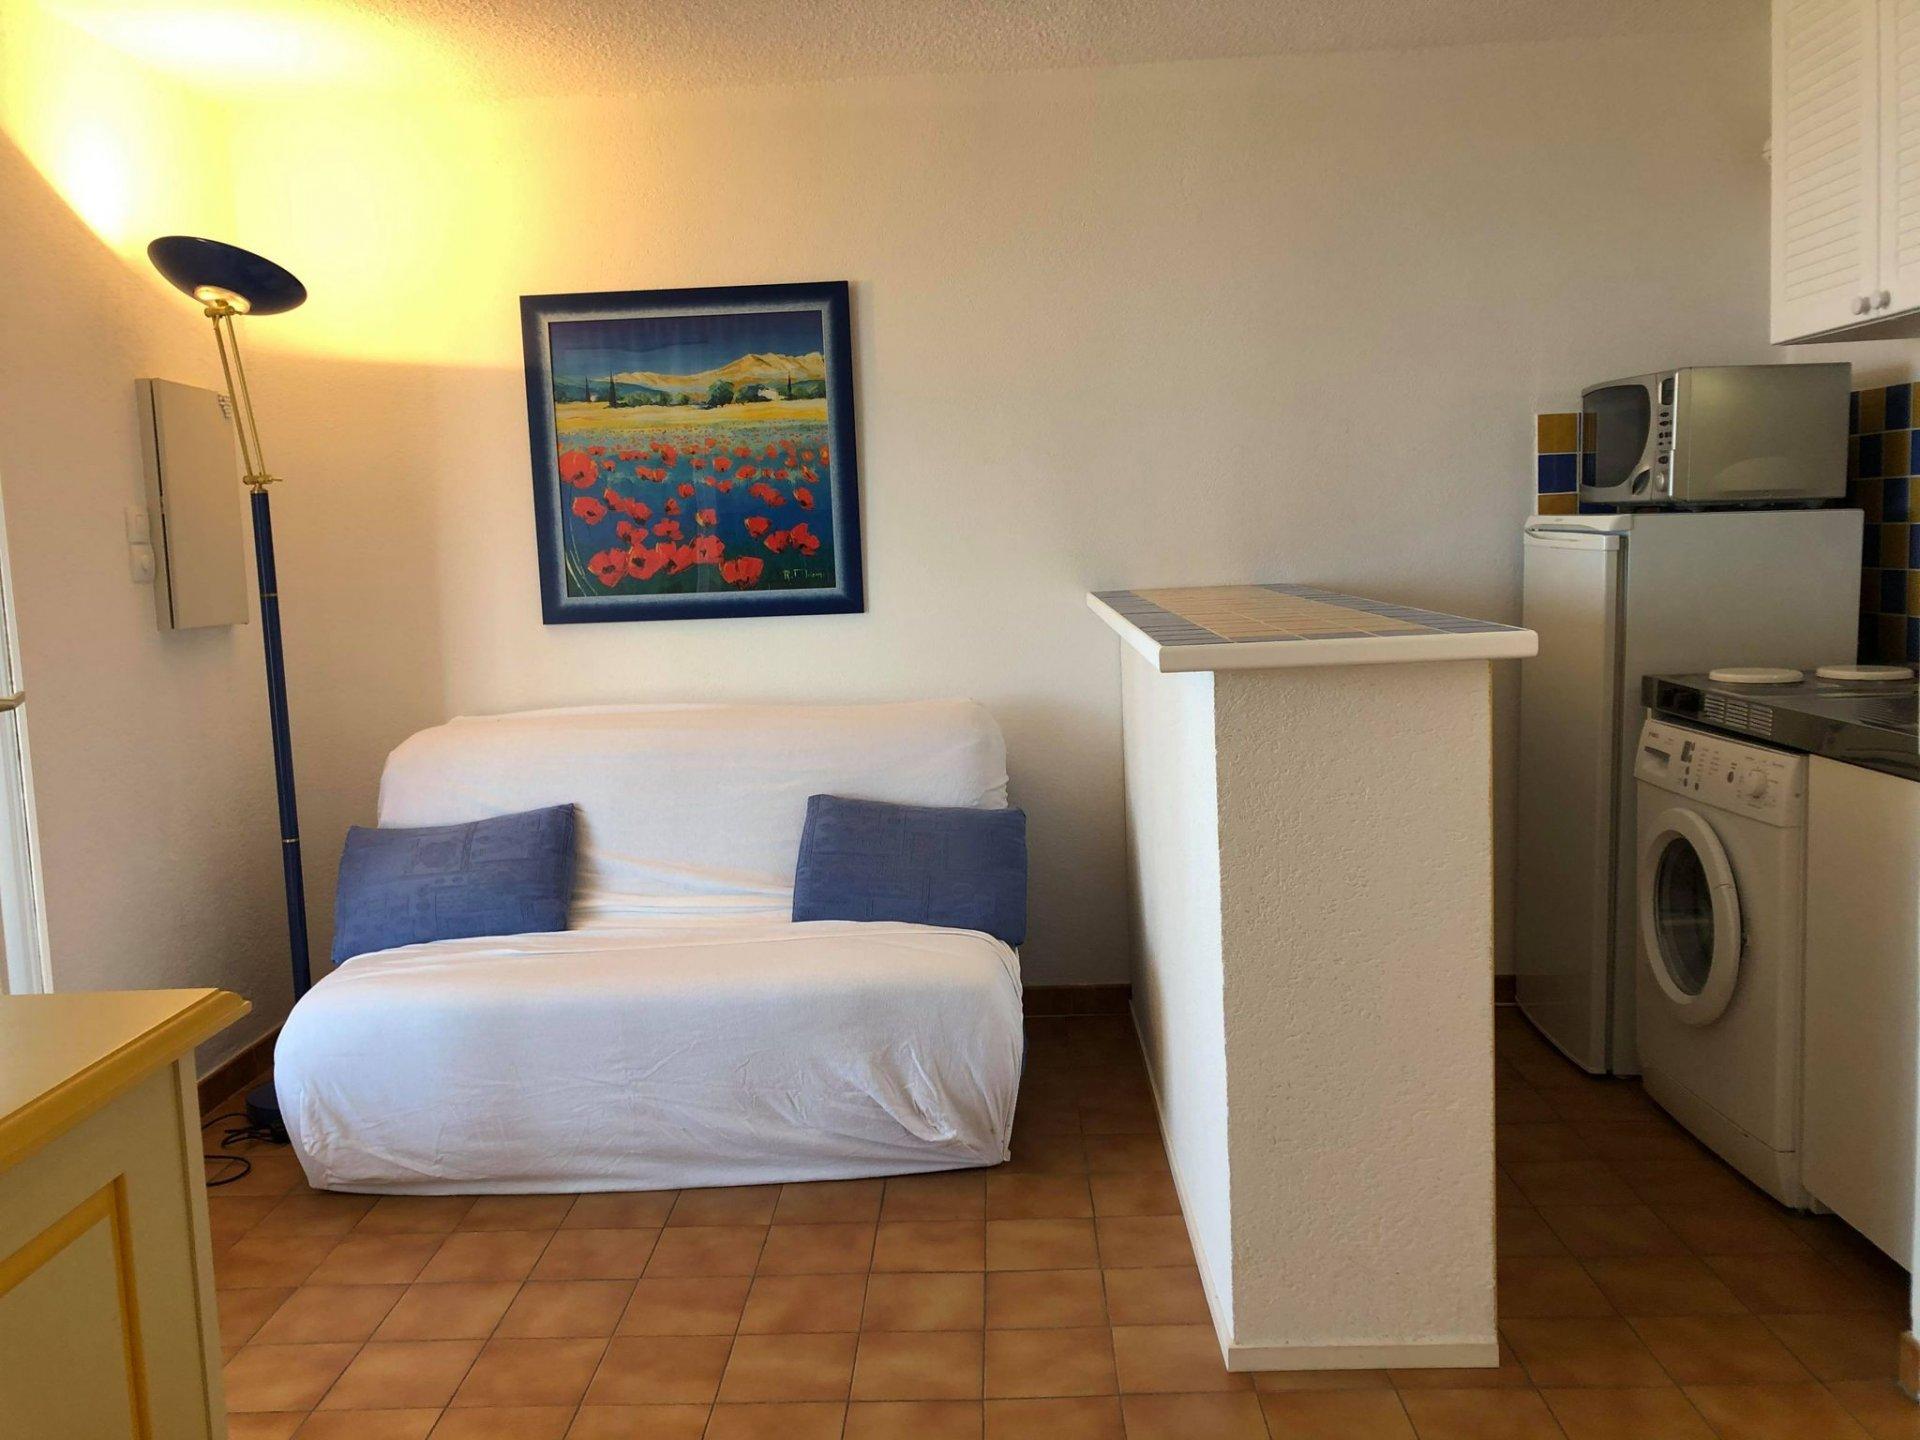 Appartement 3 pièces - Cavalaire sur Mer - 47m²